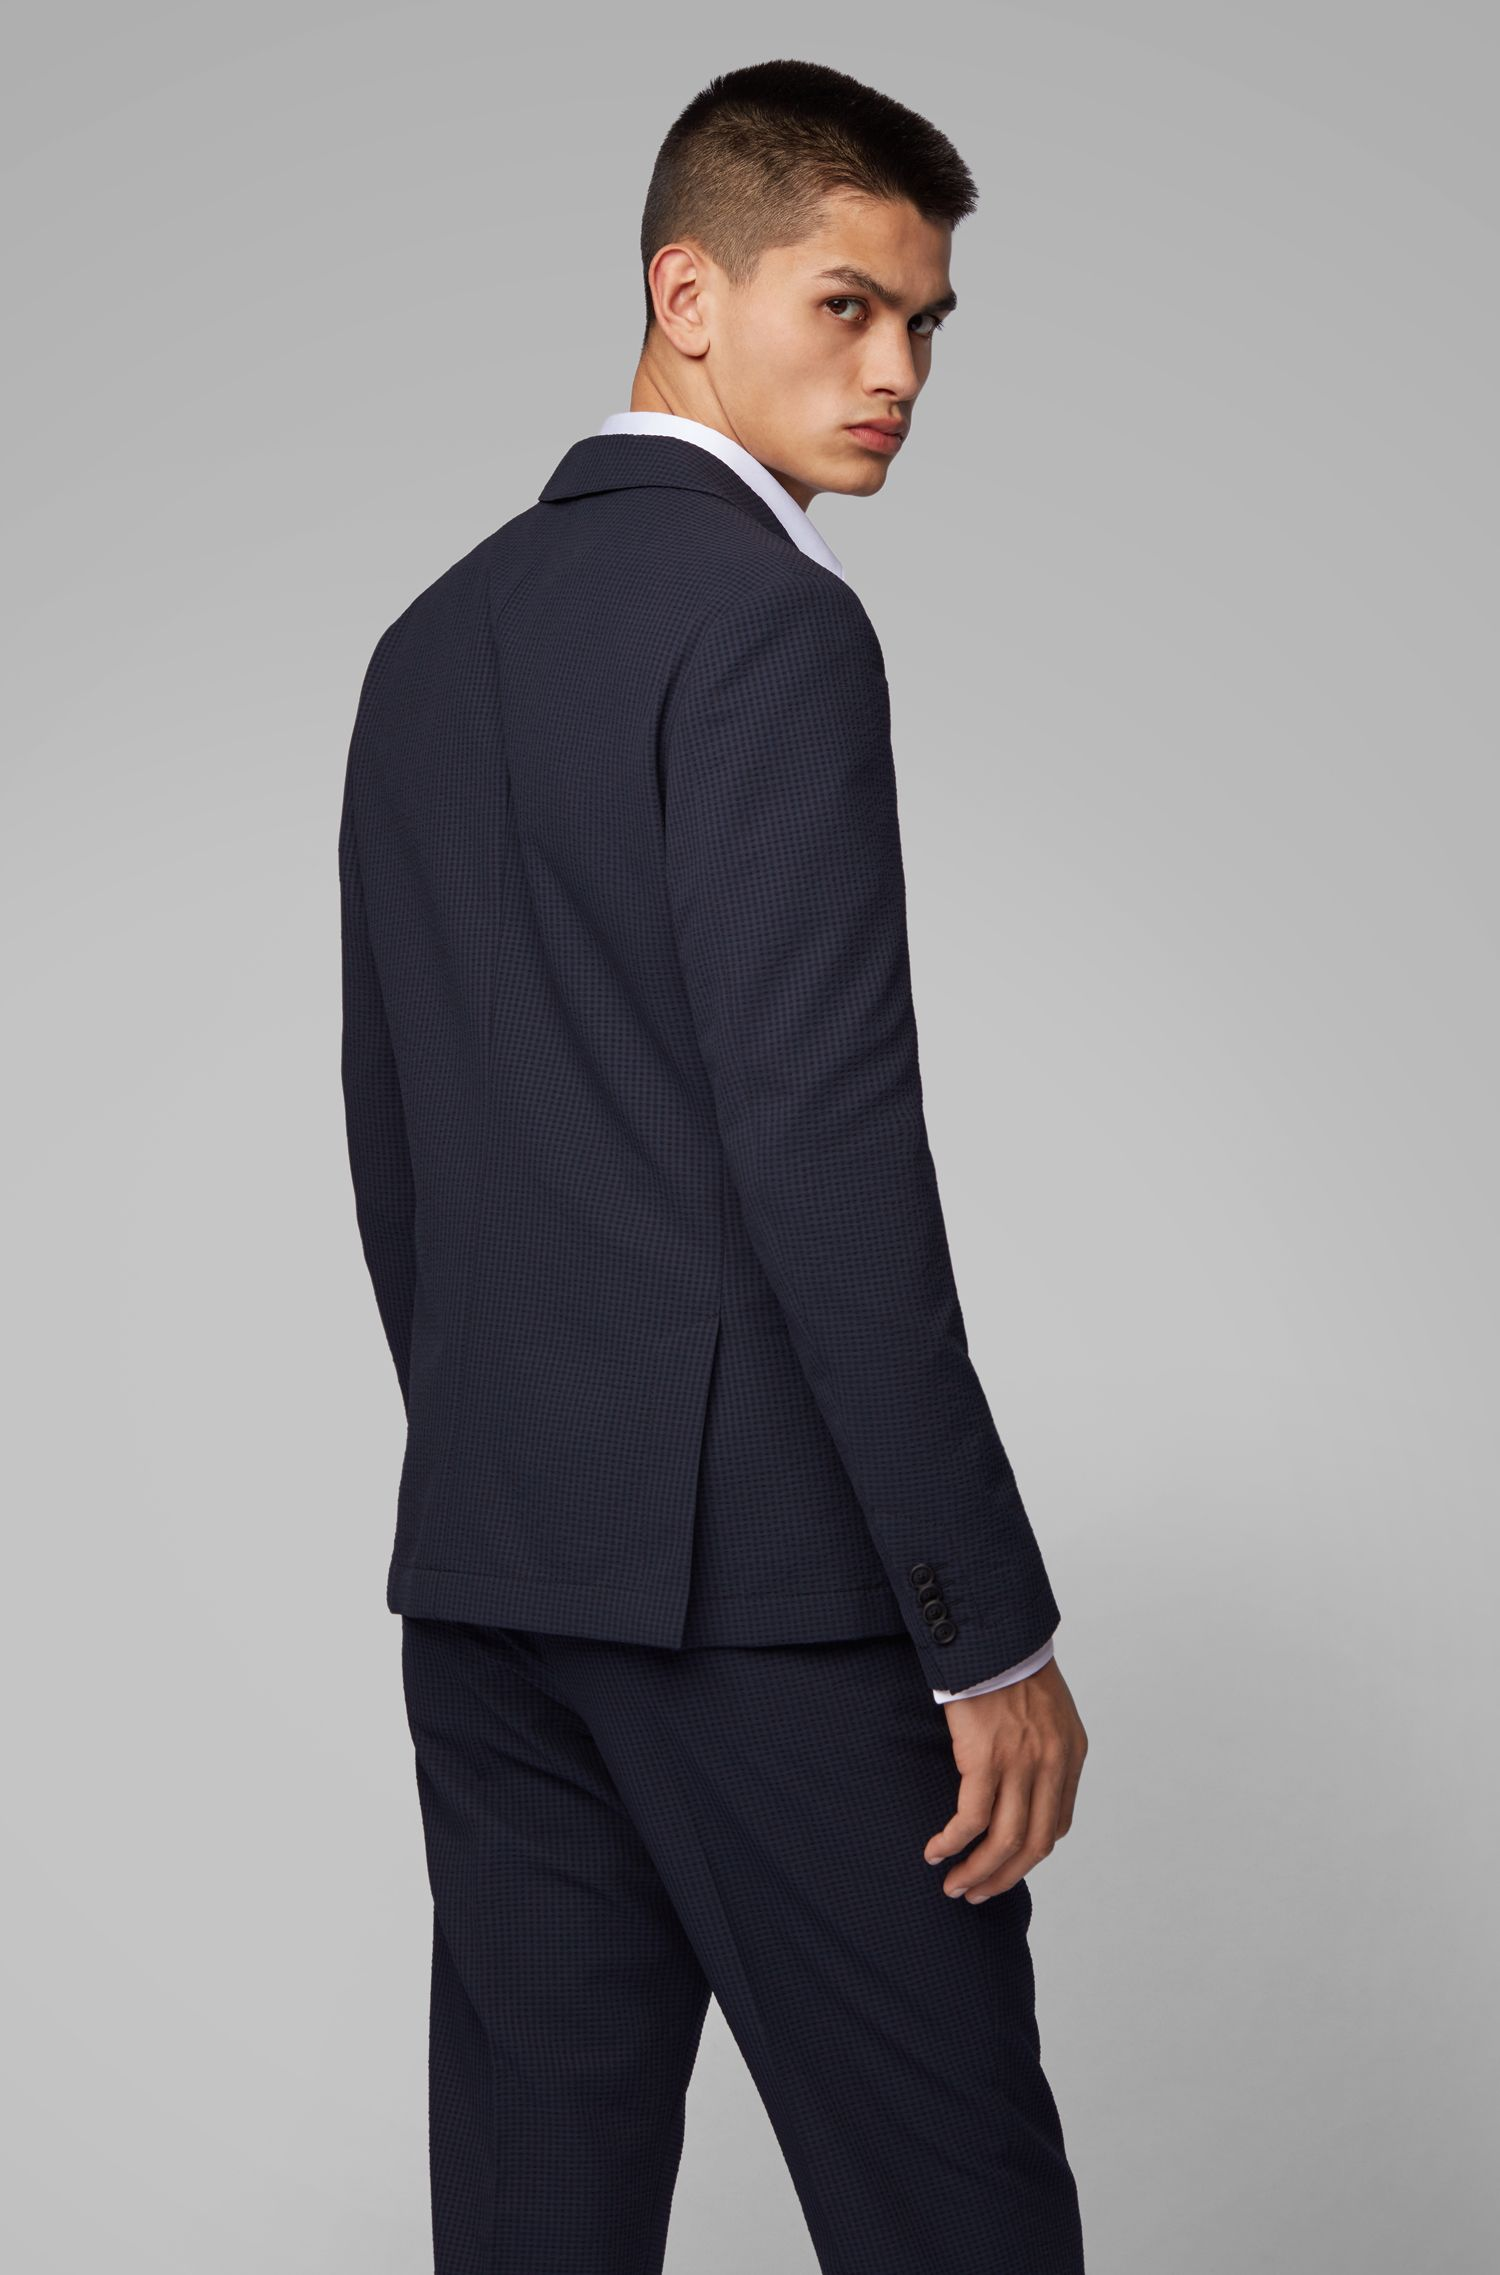 Slim-fit jacket in washable checked seersucker fabric, Dark Blue